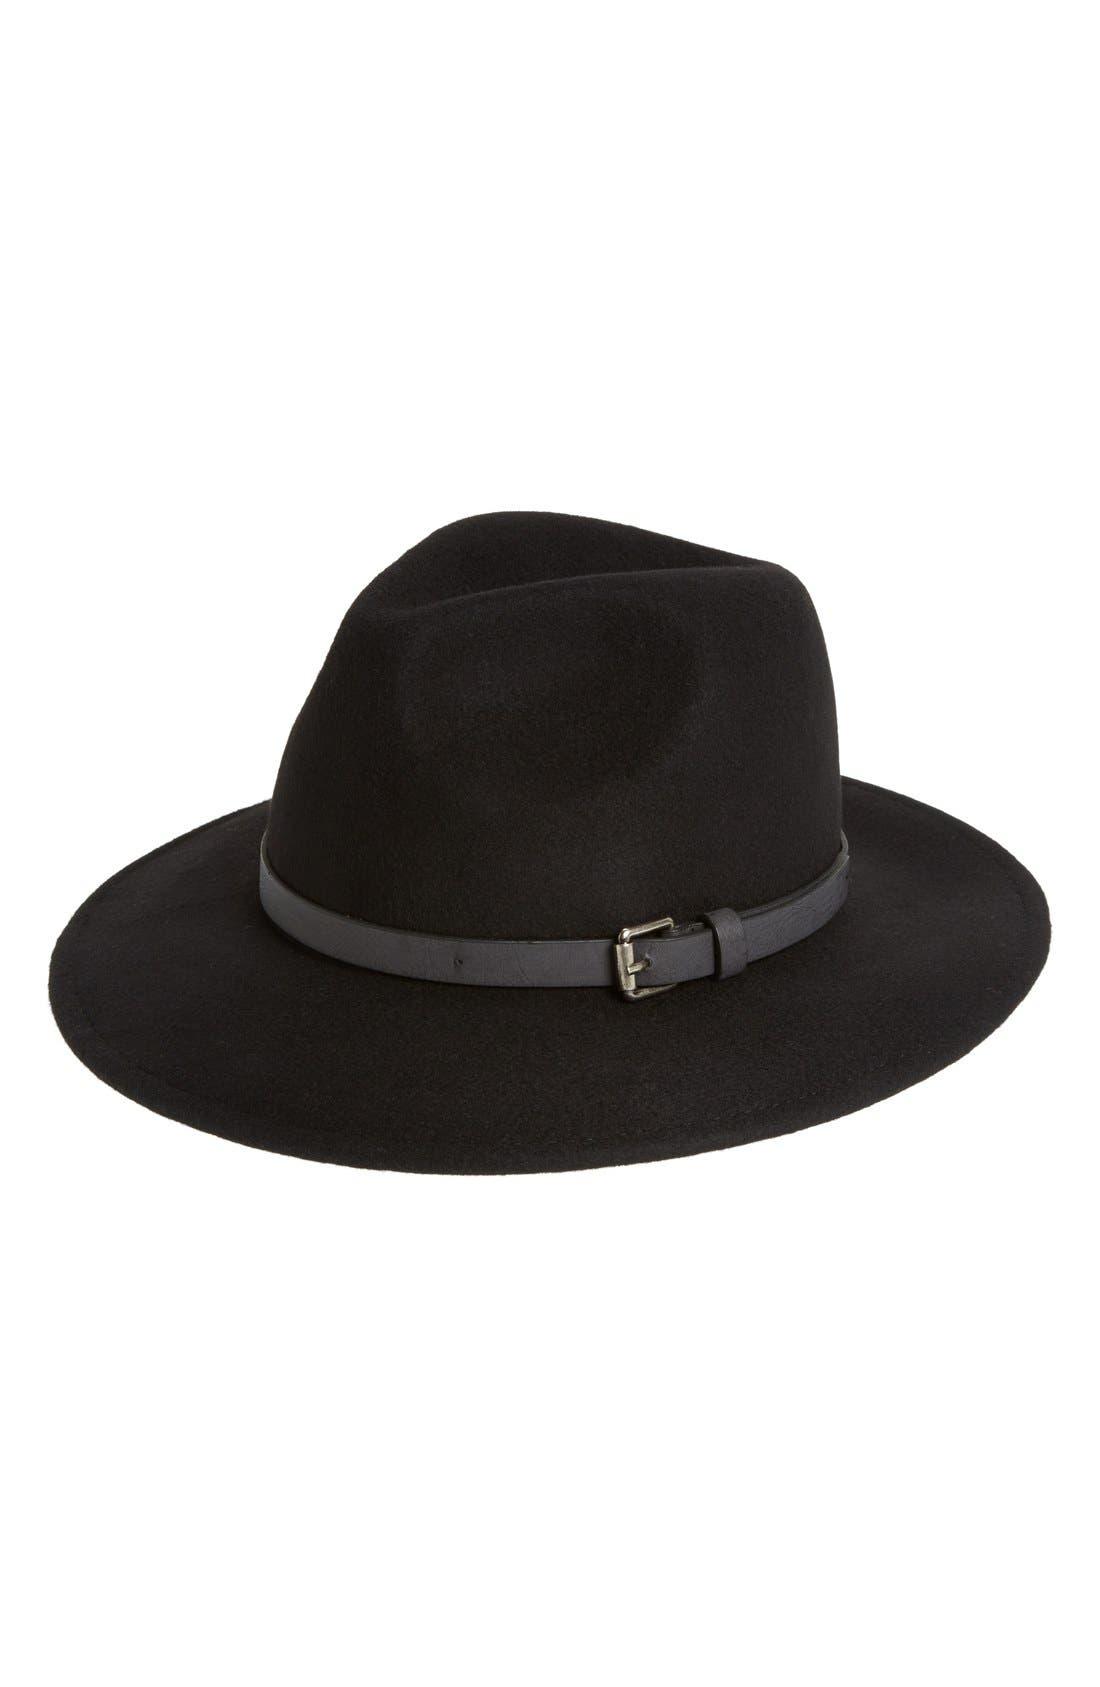 Wool Panama Hat,                         Main,                         color, 001